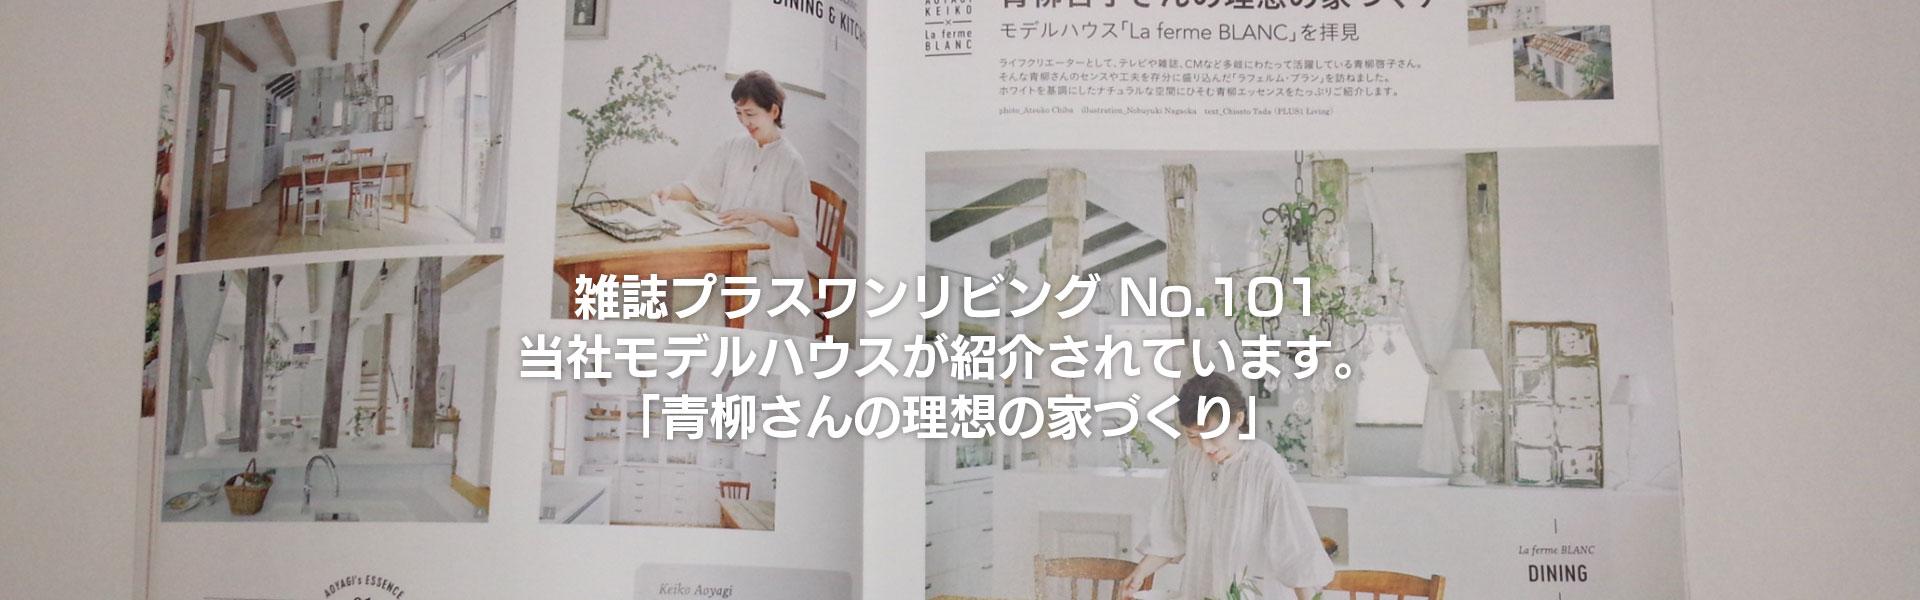 当社モデルハウスが雑誌に掲載されました